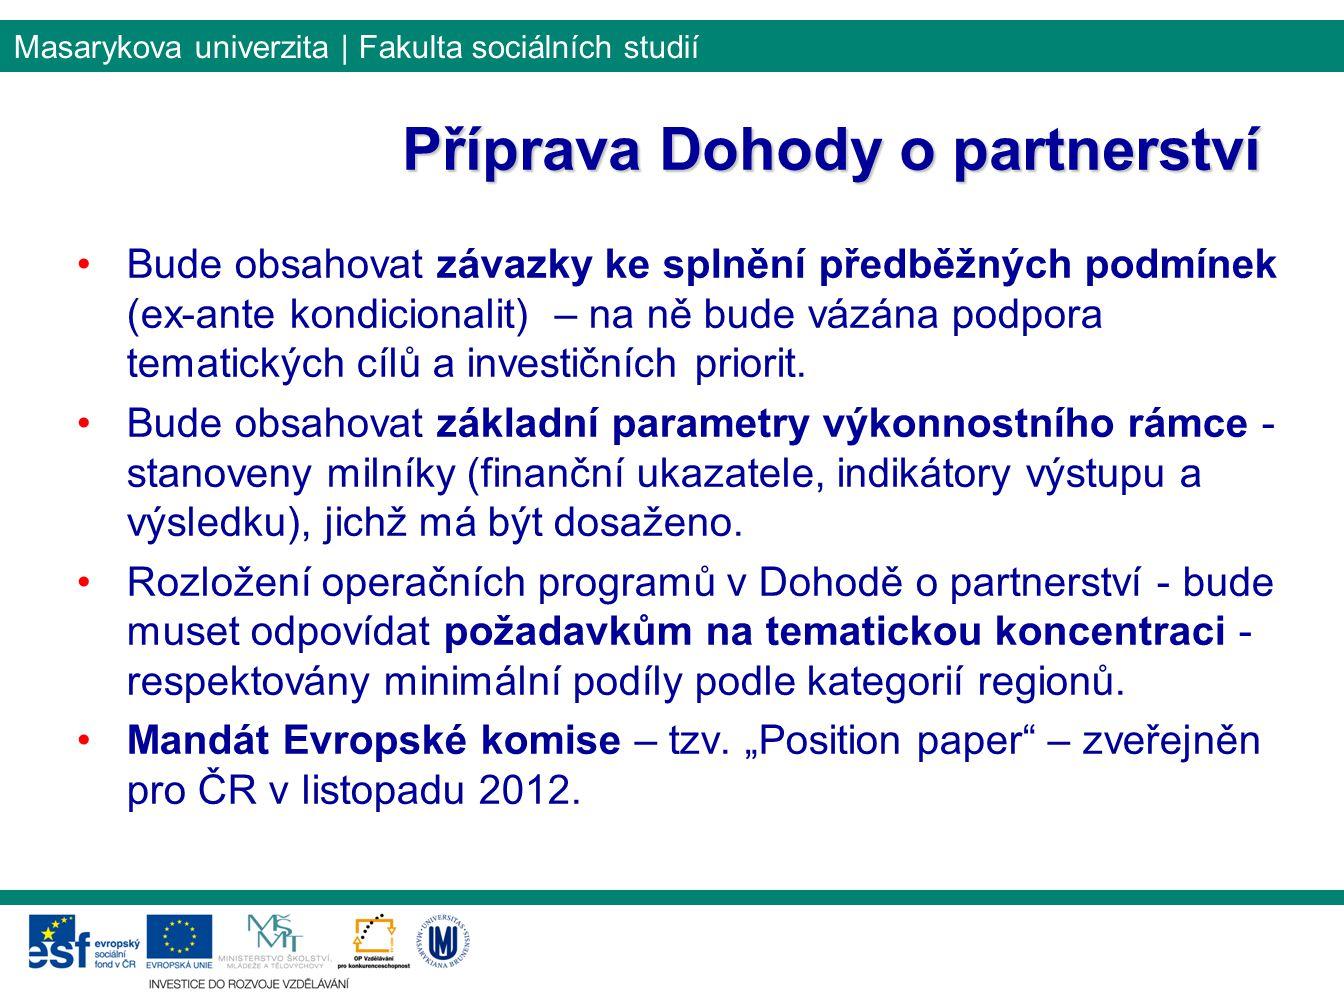 Masarykova univerzita | Fakulta sociálních studií Bude obsahovat závazky ke splnění předběžných podmínek (ex-ante kondicionalit) – na ně bude vázána p